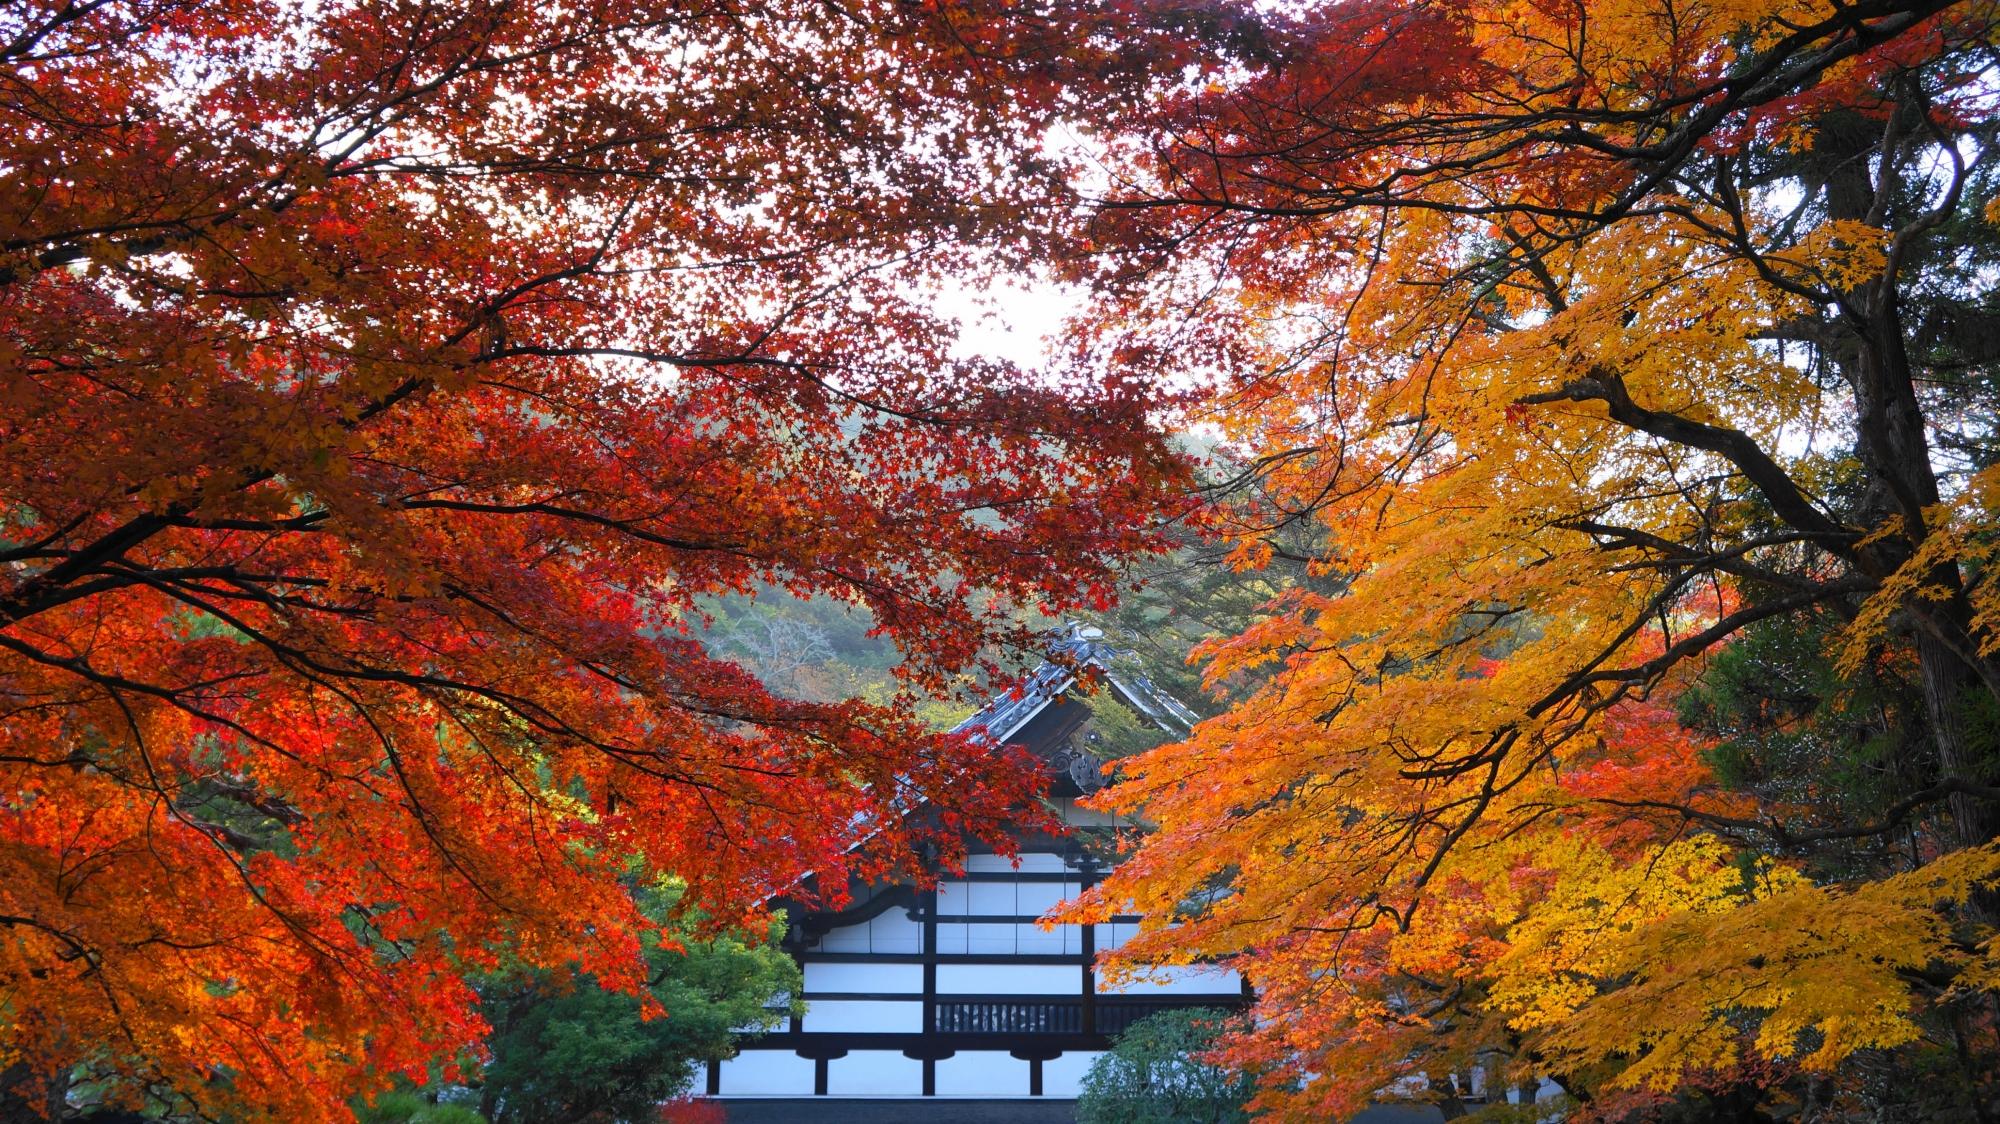 白壁を豪快に彩る赤や黄色の紅葉